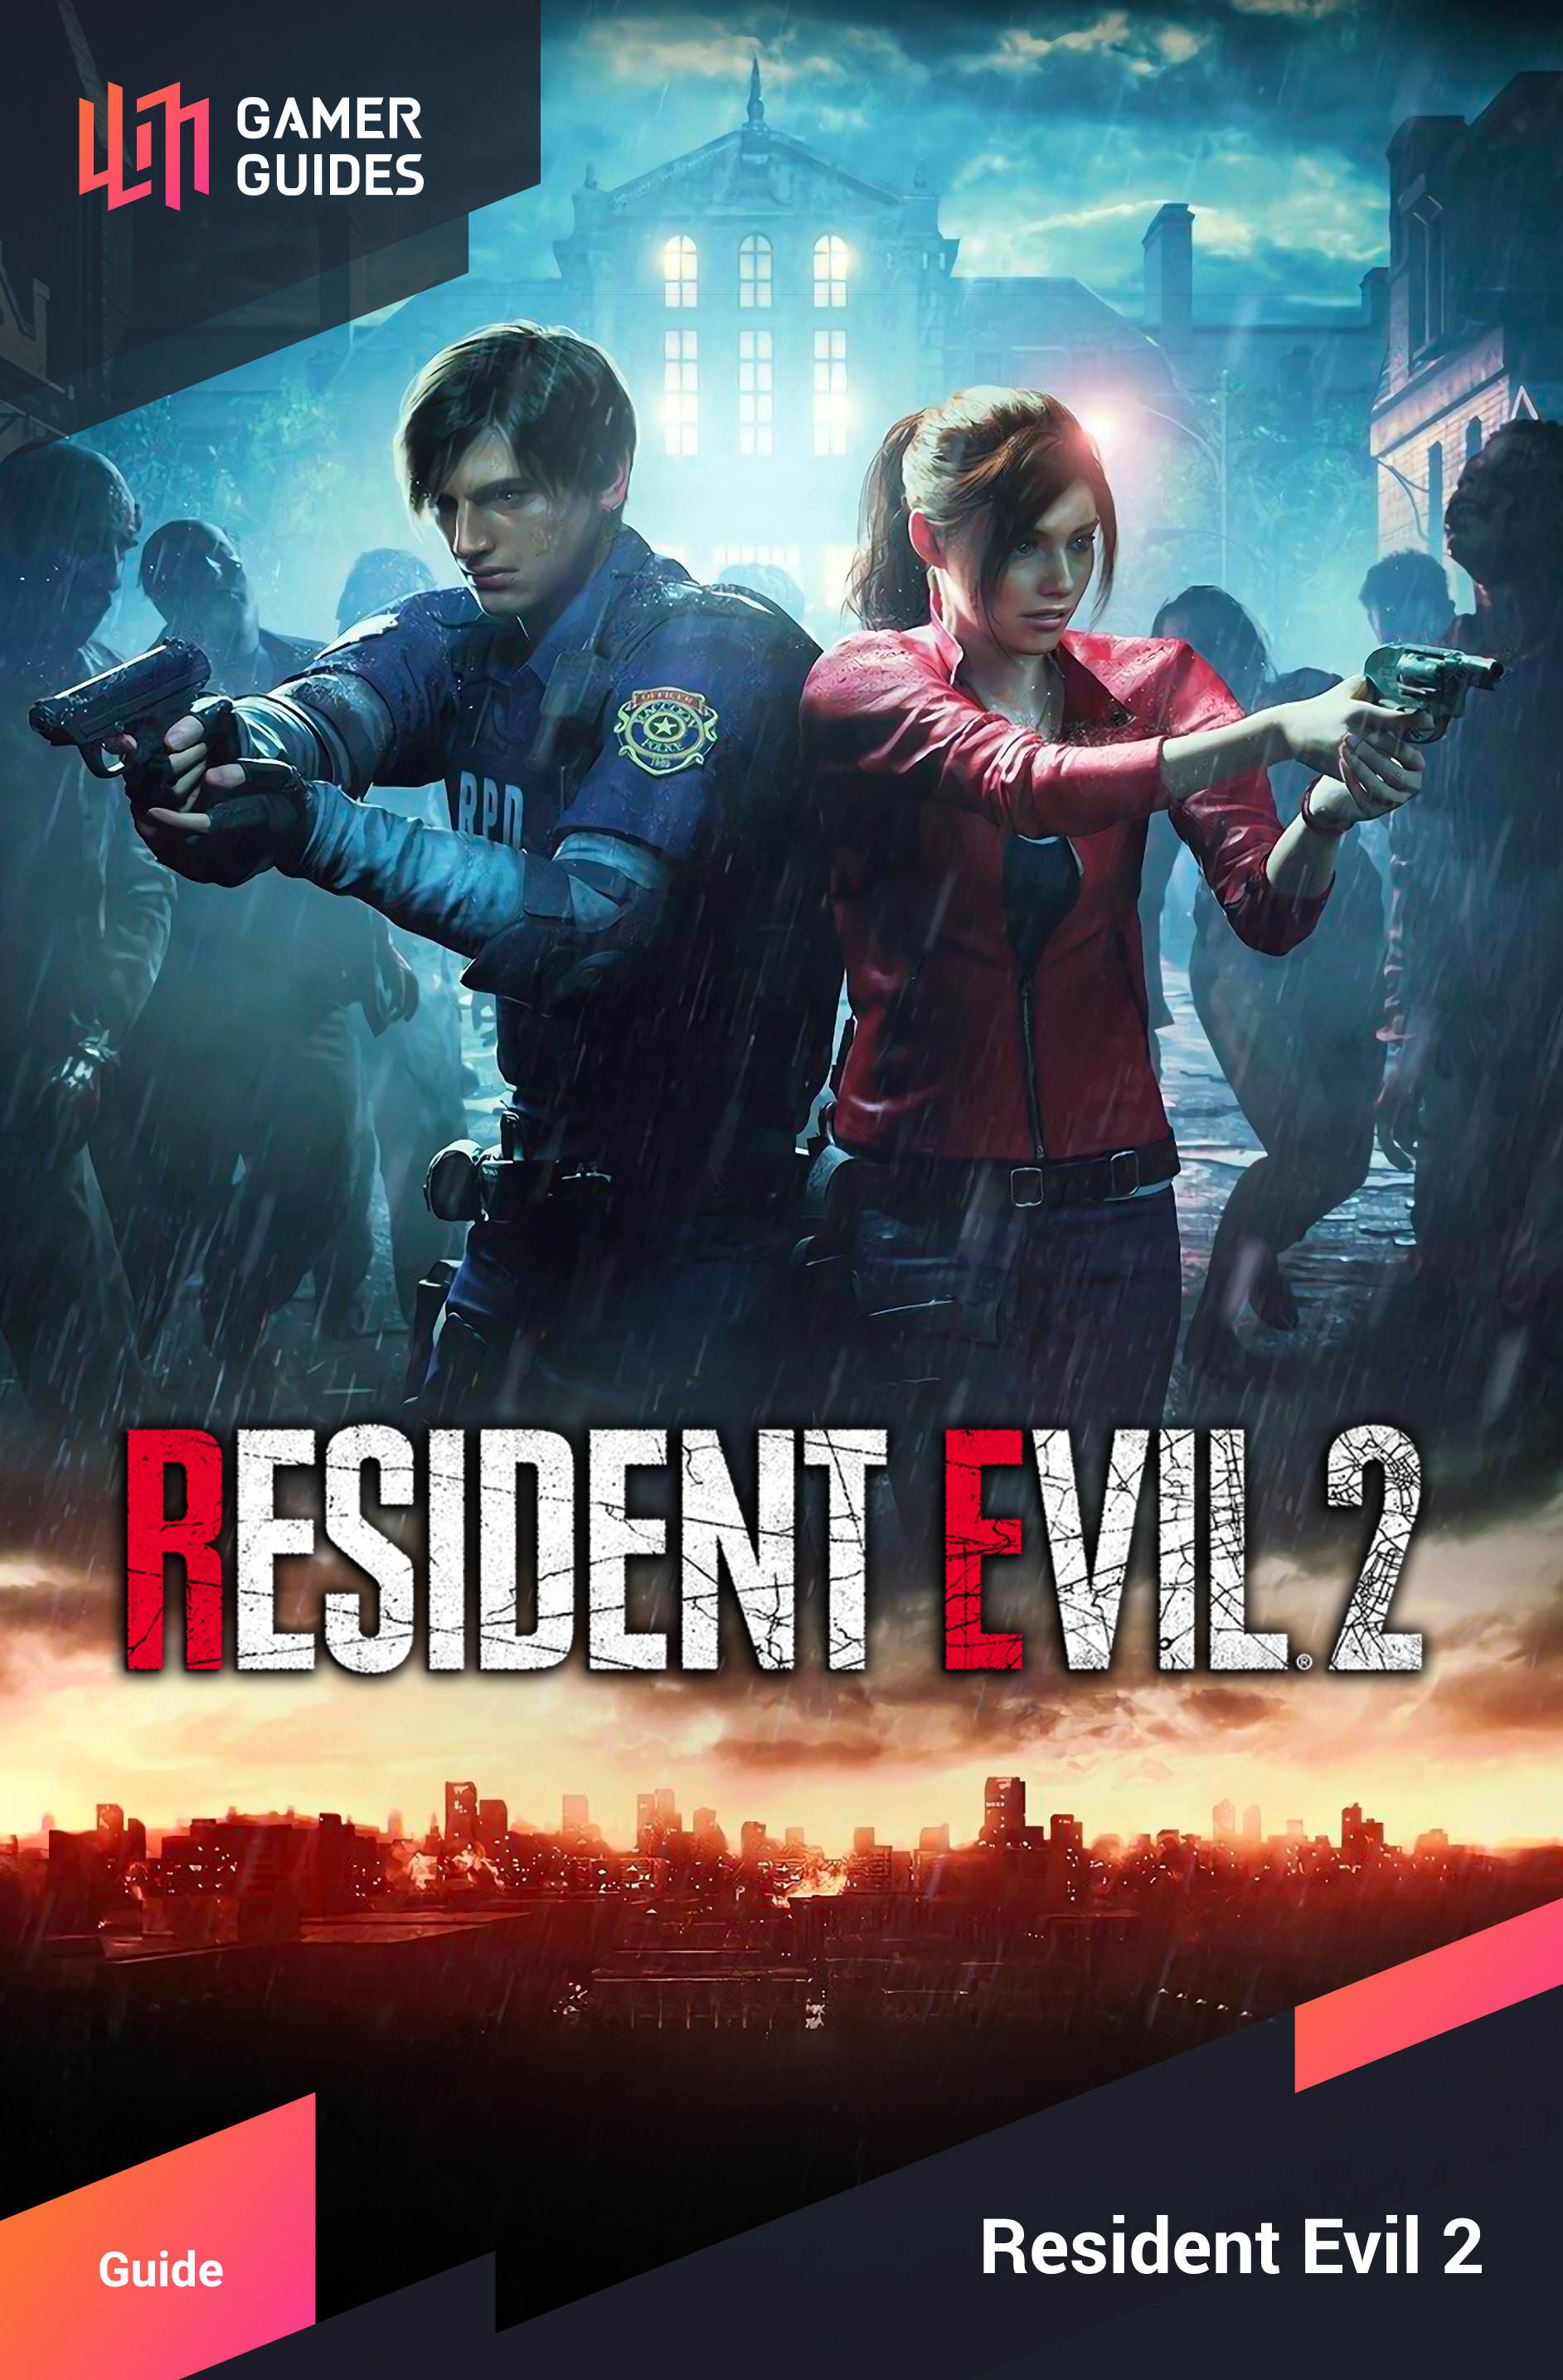 Resident Evil 2 | Gamer Guides